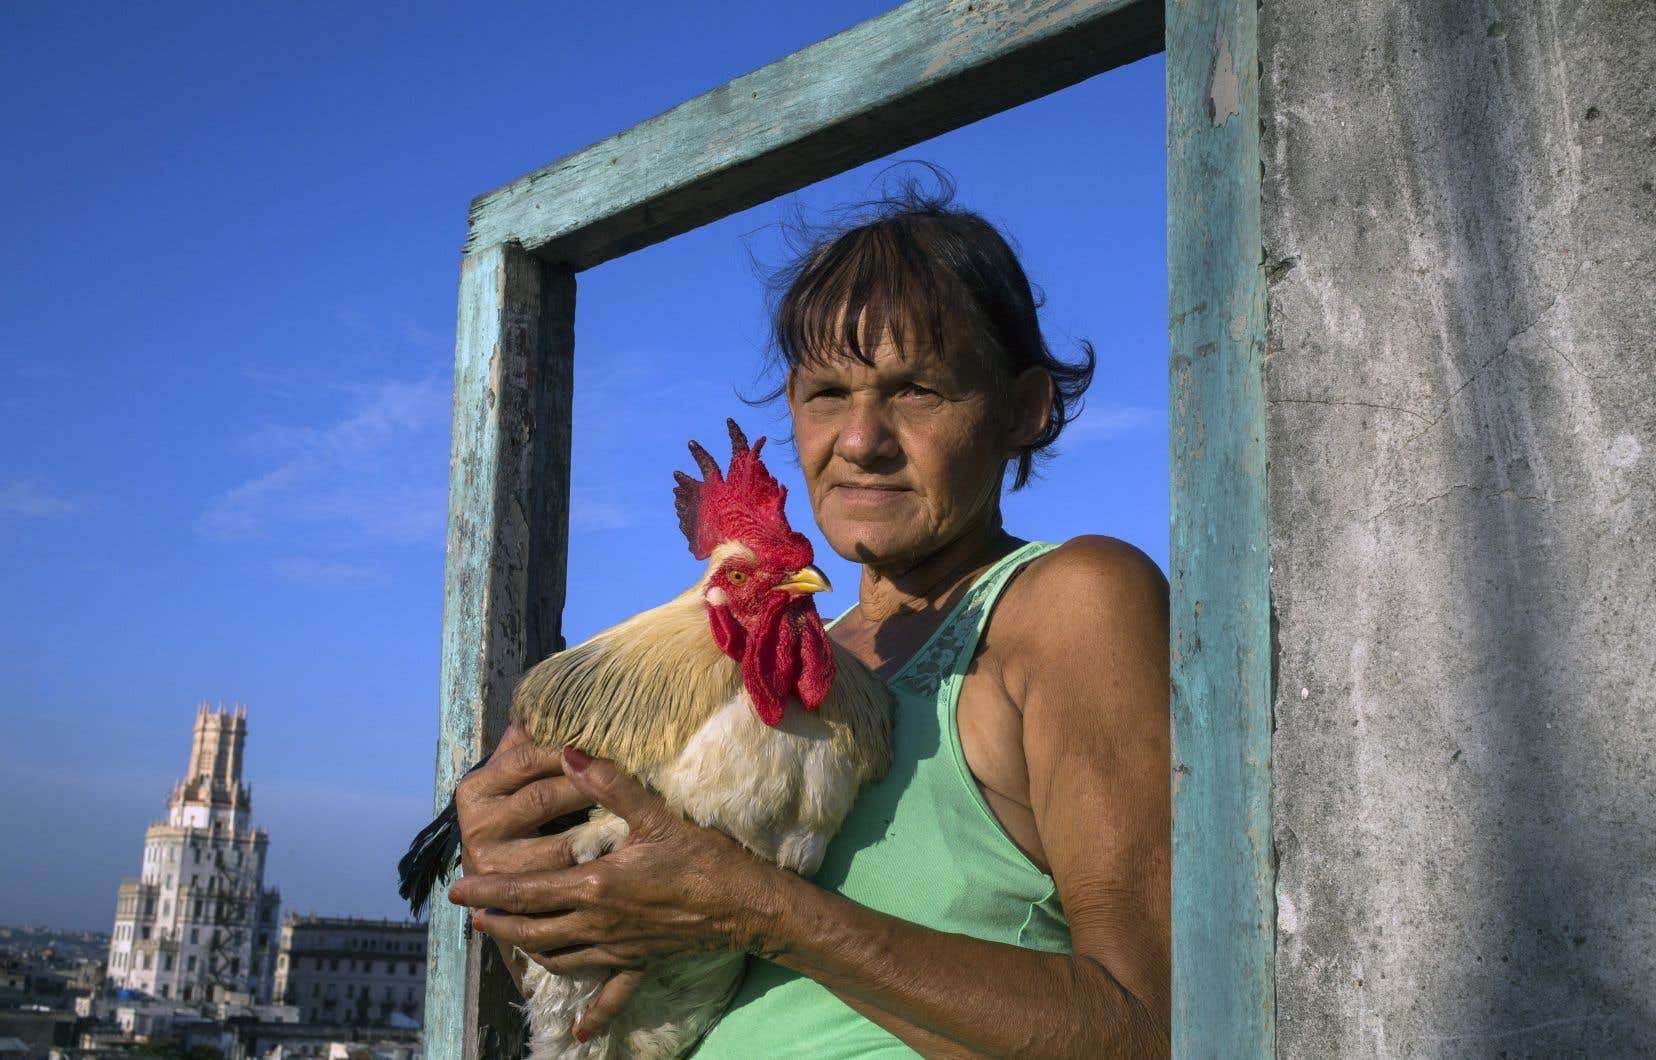 Retranchés en surplomb de la société cubaine, les participants du documentaire posent sur celle-ci un regard plein d'acuité.